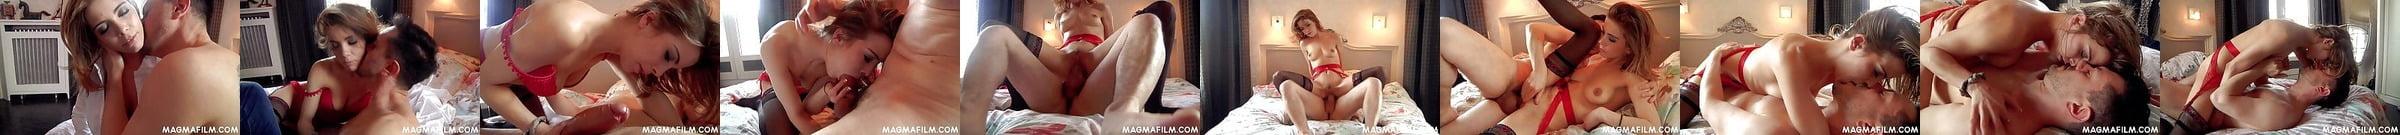 Topless Camille Donatacci Nude Pics Pics